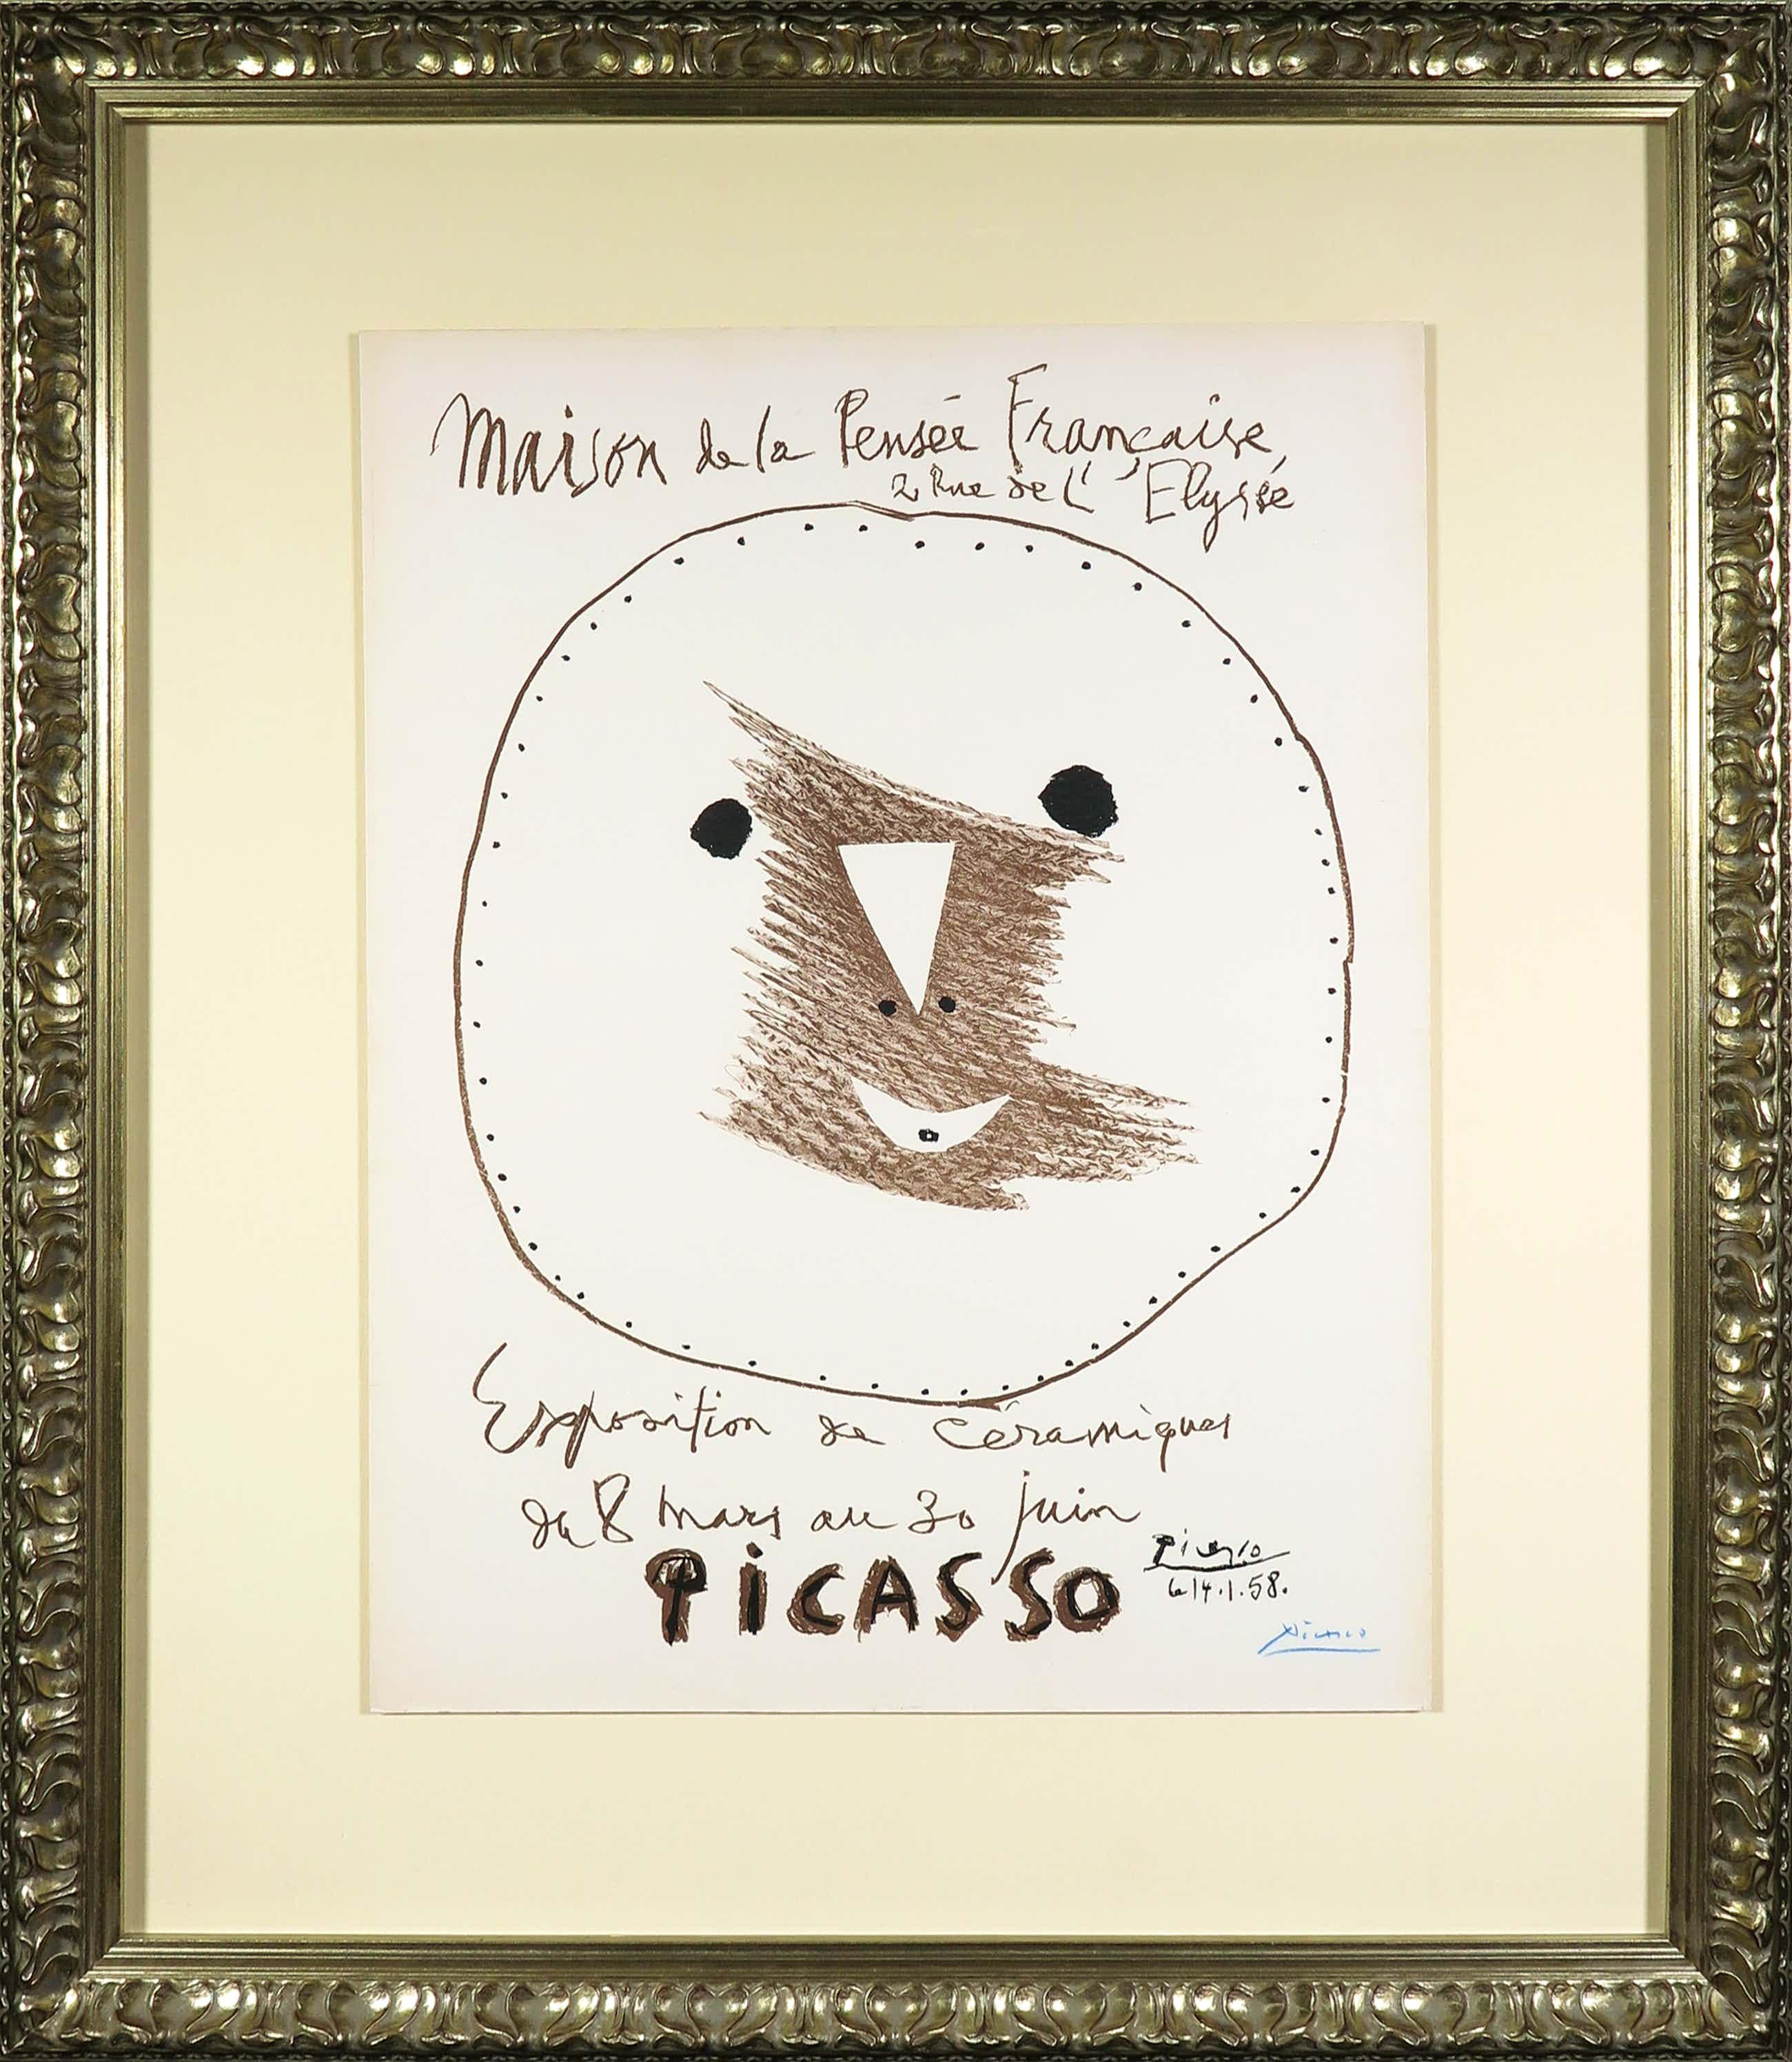 Pablo Picasso - Gesigneerde twee-kleuren litho voor het Maison de la Pensée Française - Ingelijst kopen? Bied vanaf 1400!